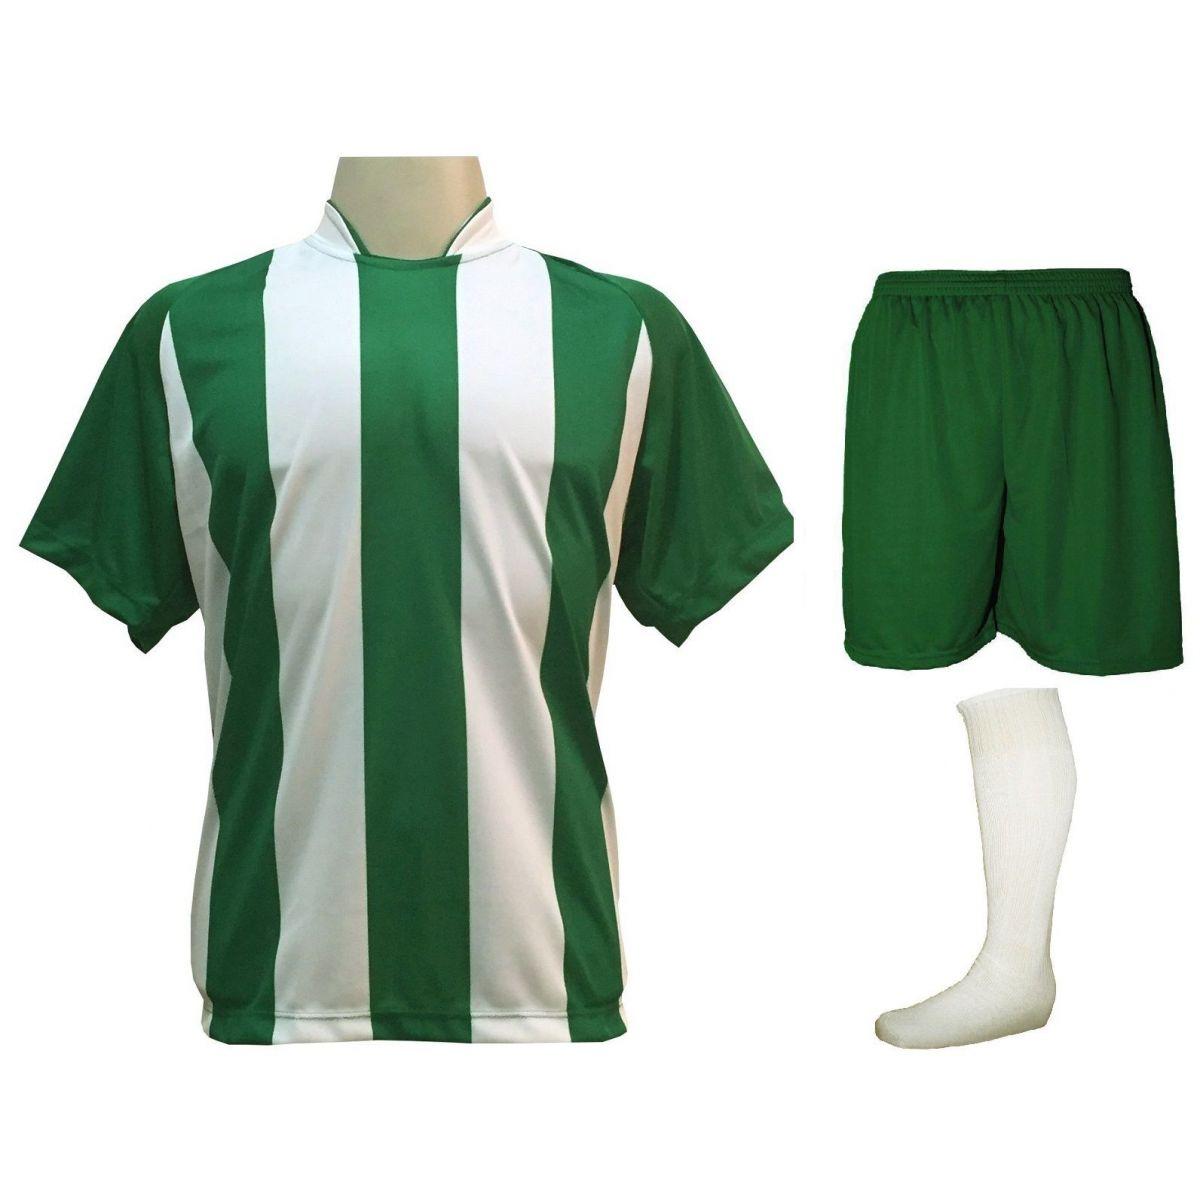 be62d31e42 Uniforme Esportivo com 18 camisas modelo Milan Verde Branco + 18 calções  modelo Madrid Verde ...